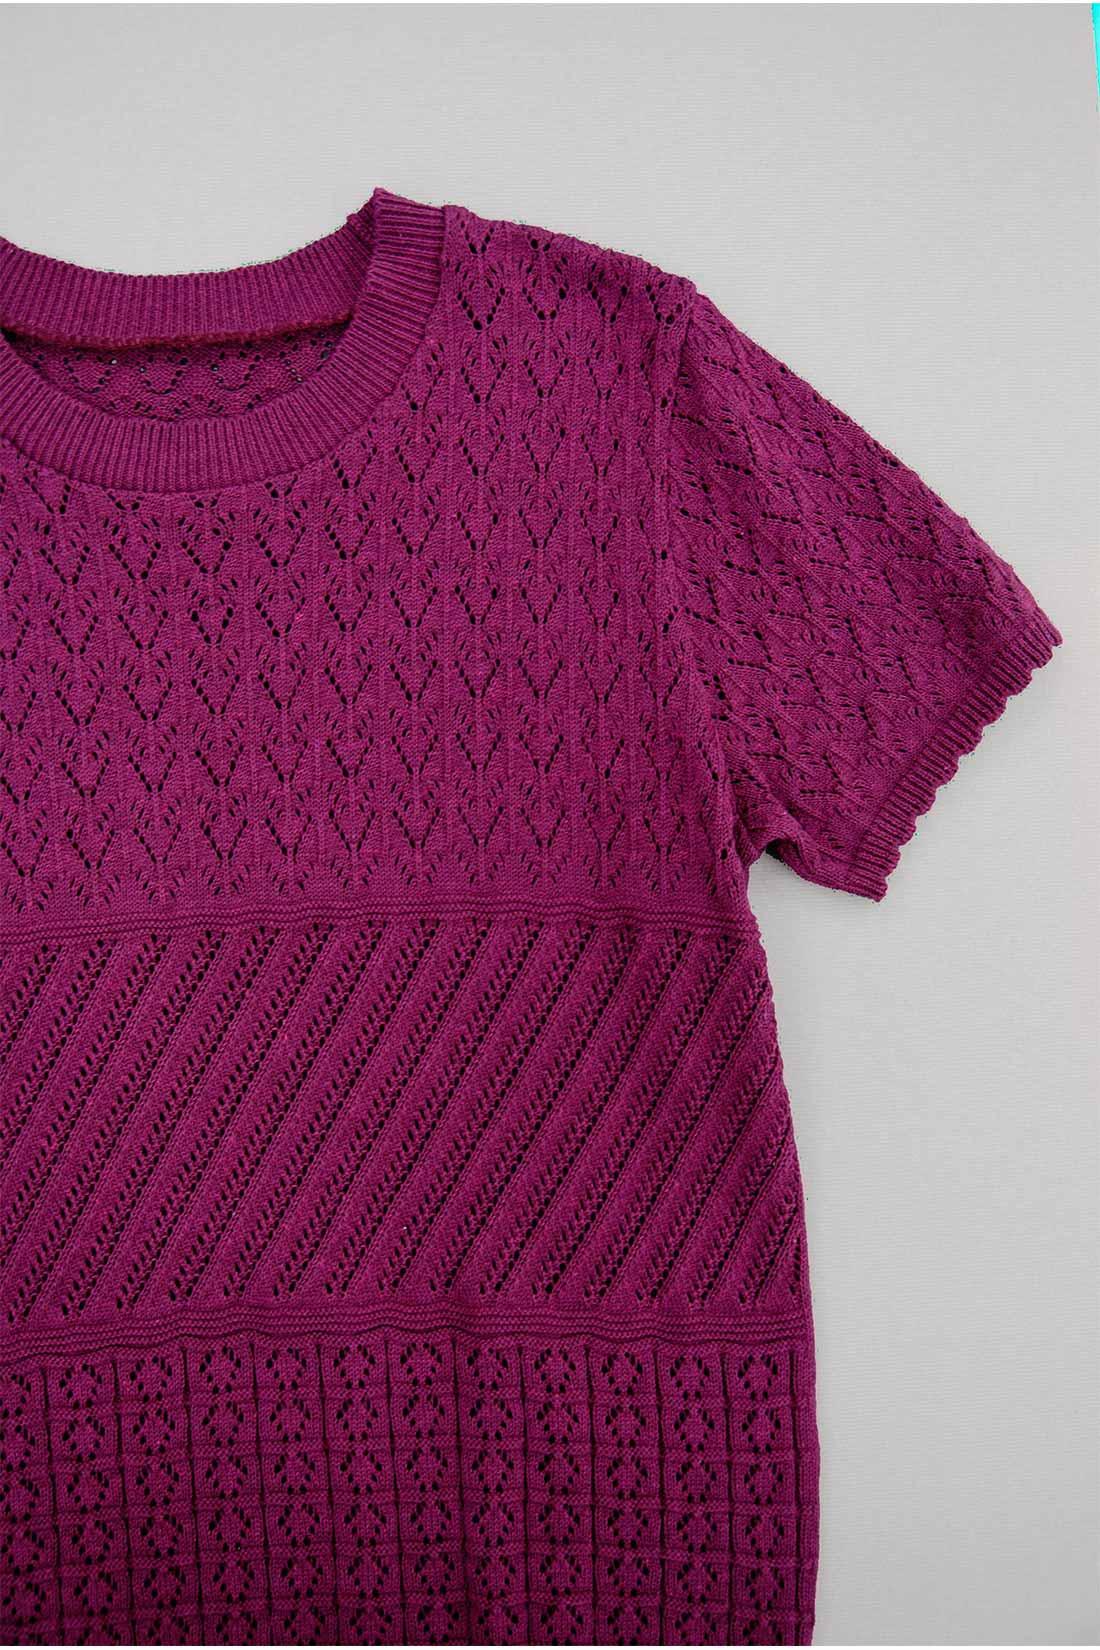 Tシャツ感覚の透かし編みニットトップス〈ラズベリー〉